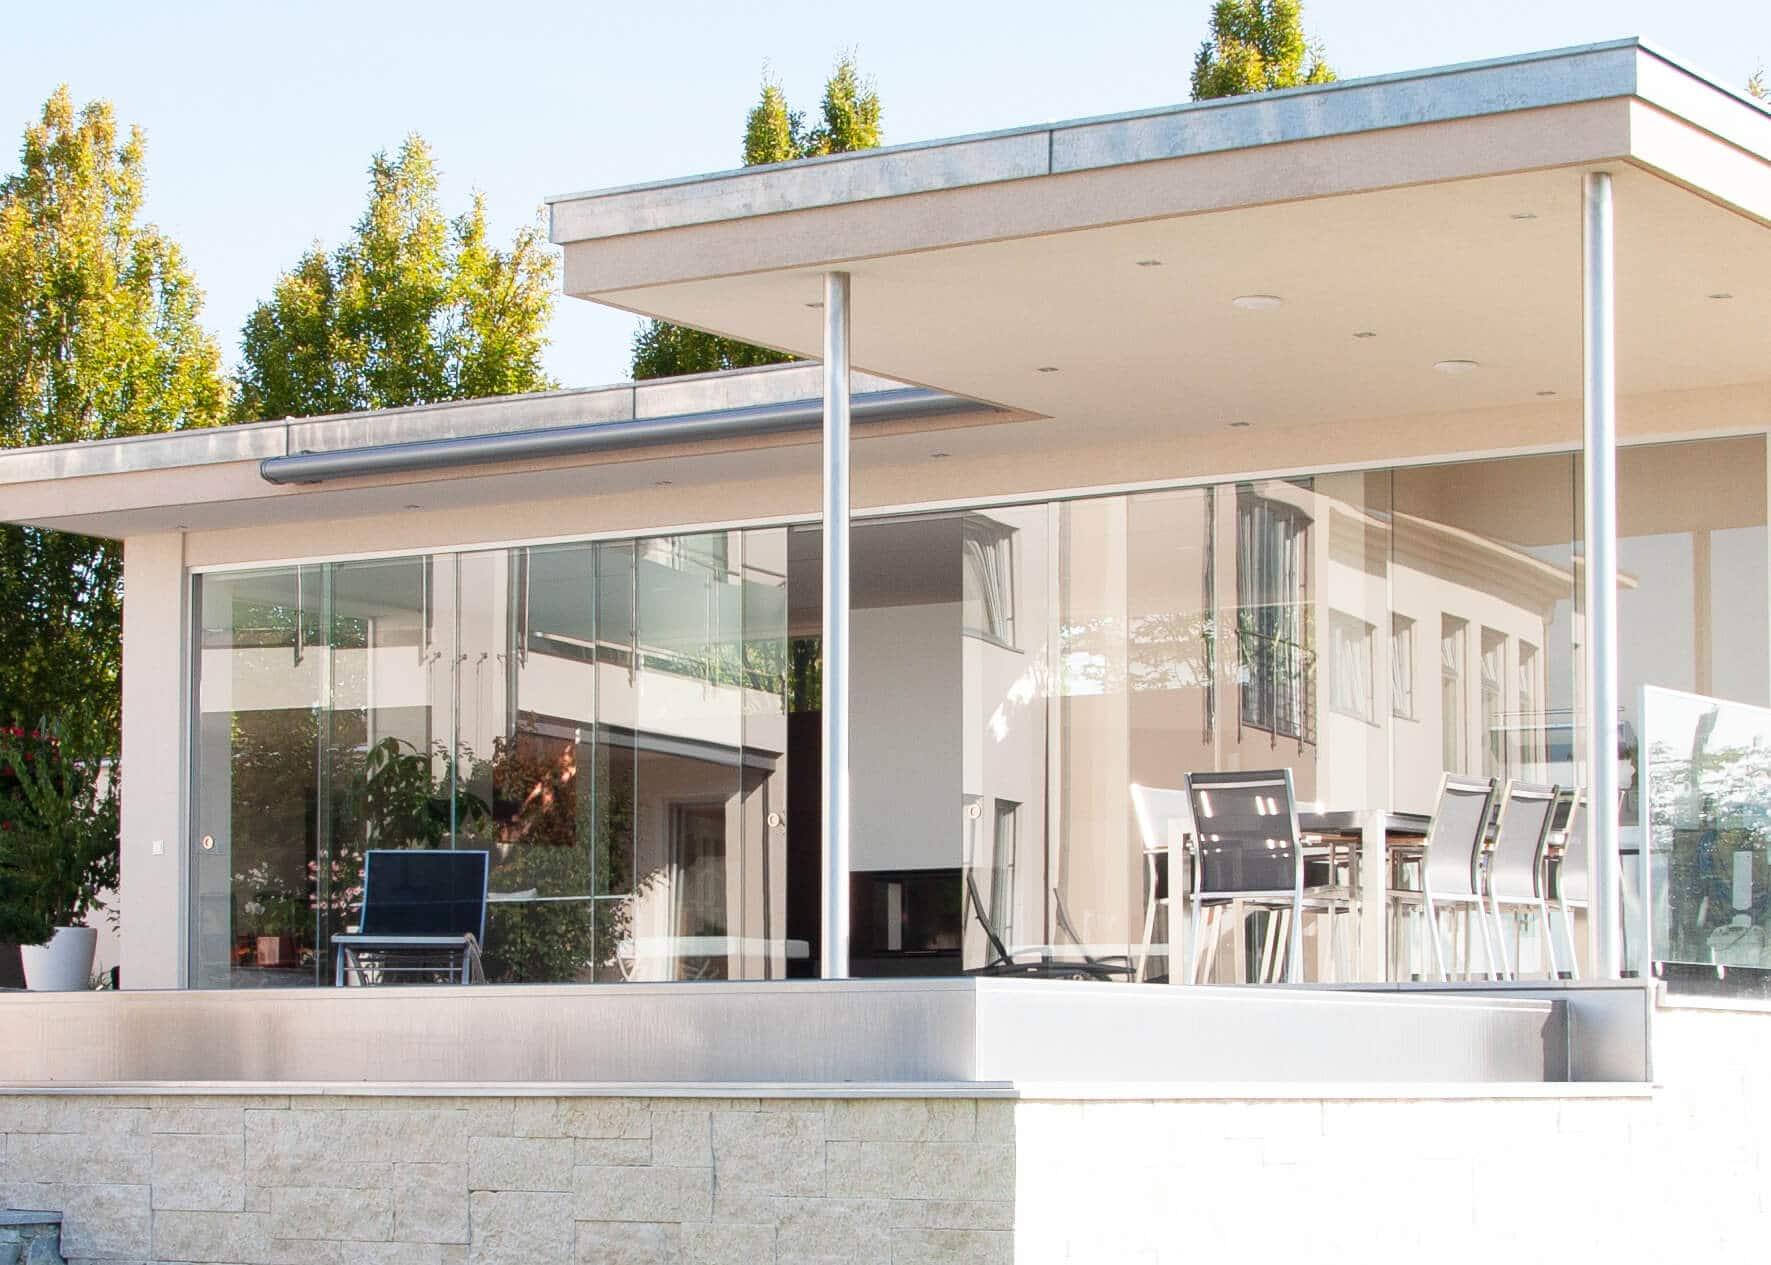 Gartenhaus modern mit Glasschiebesystemen